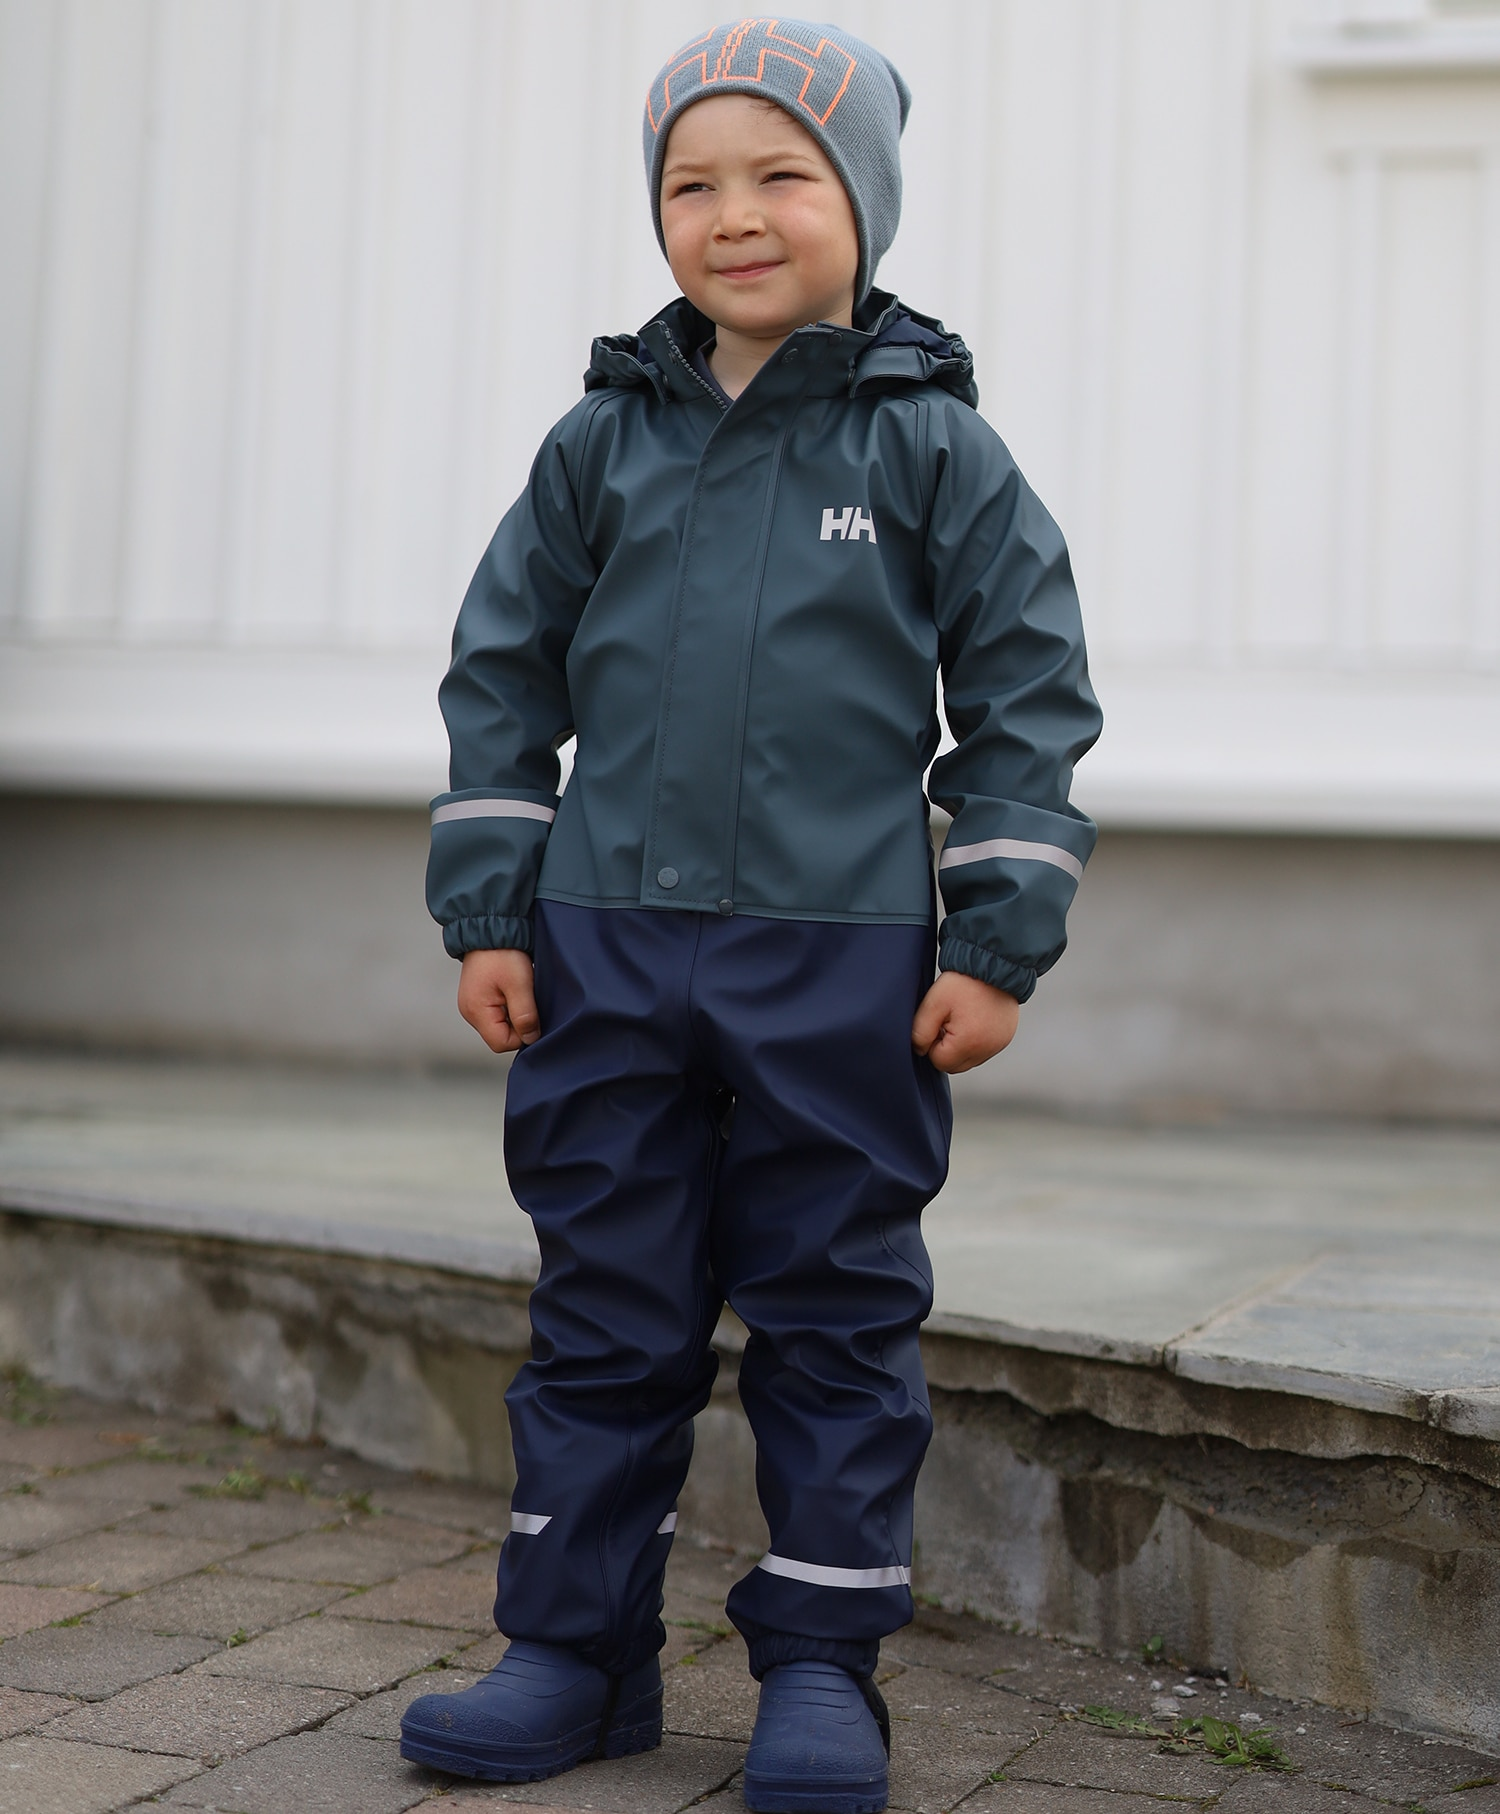 Helly Hansen Bergen Fleece PU Suit